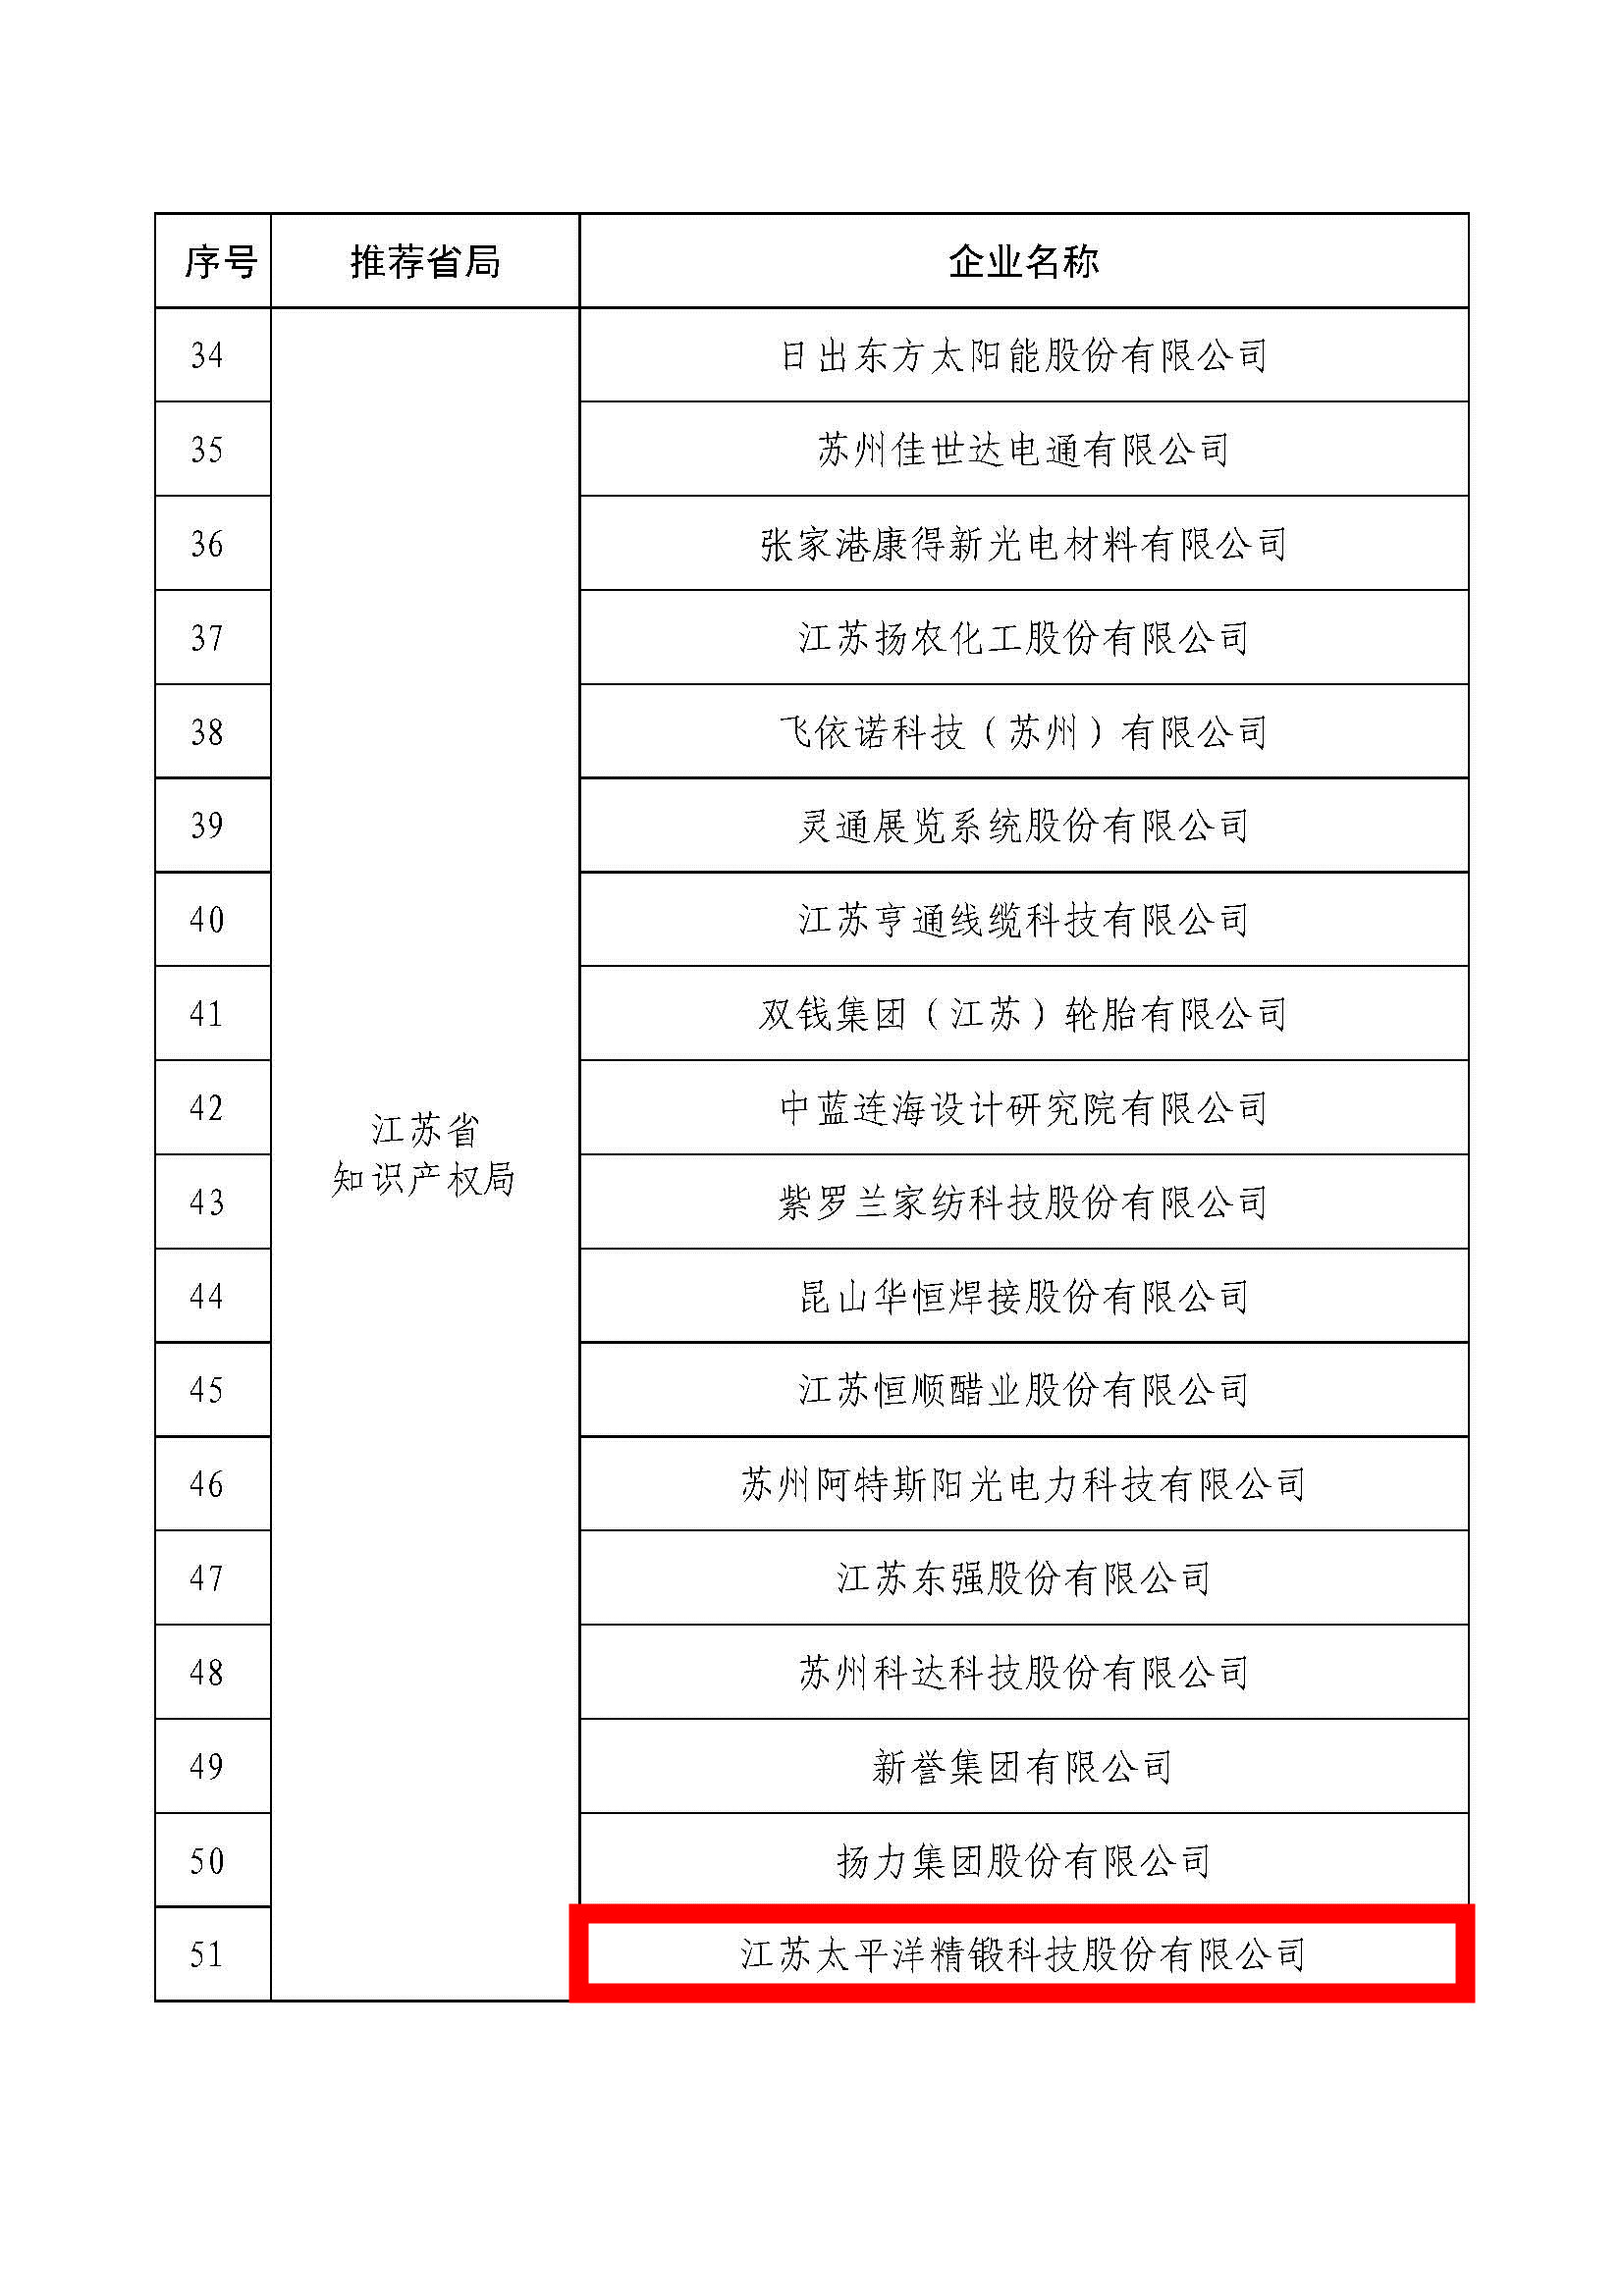 2018年度国家知识产权示范企业名单_页面_03_副本.jpg